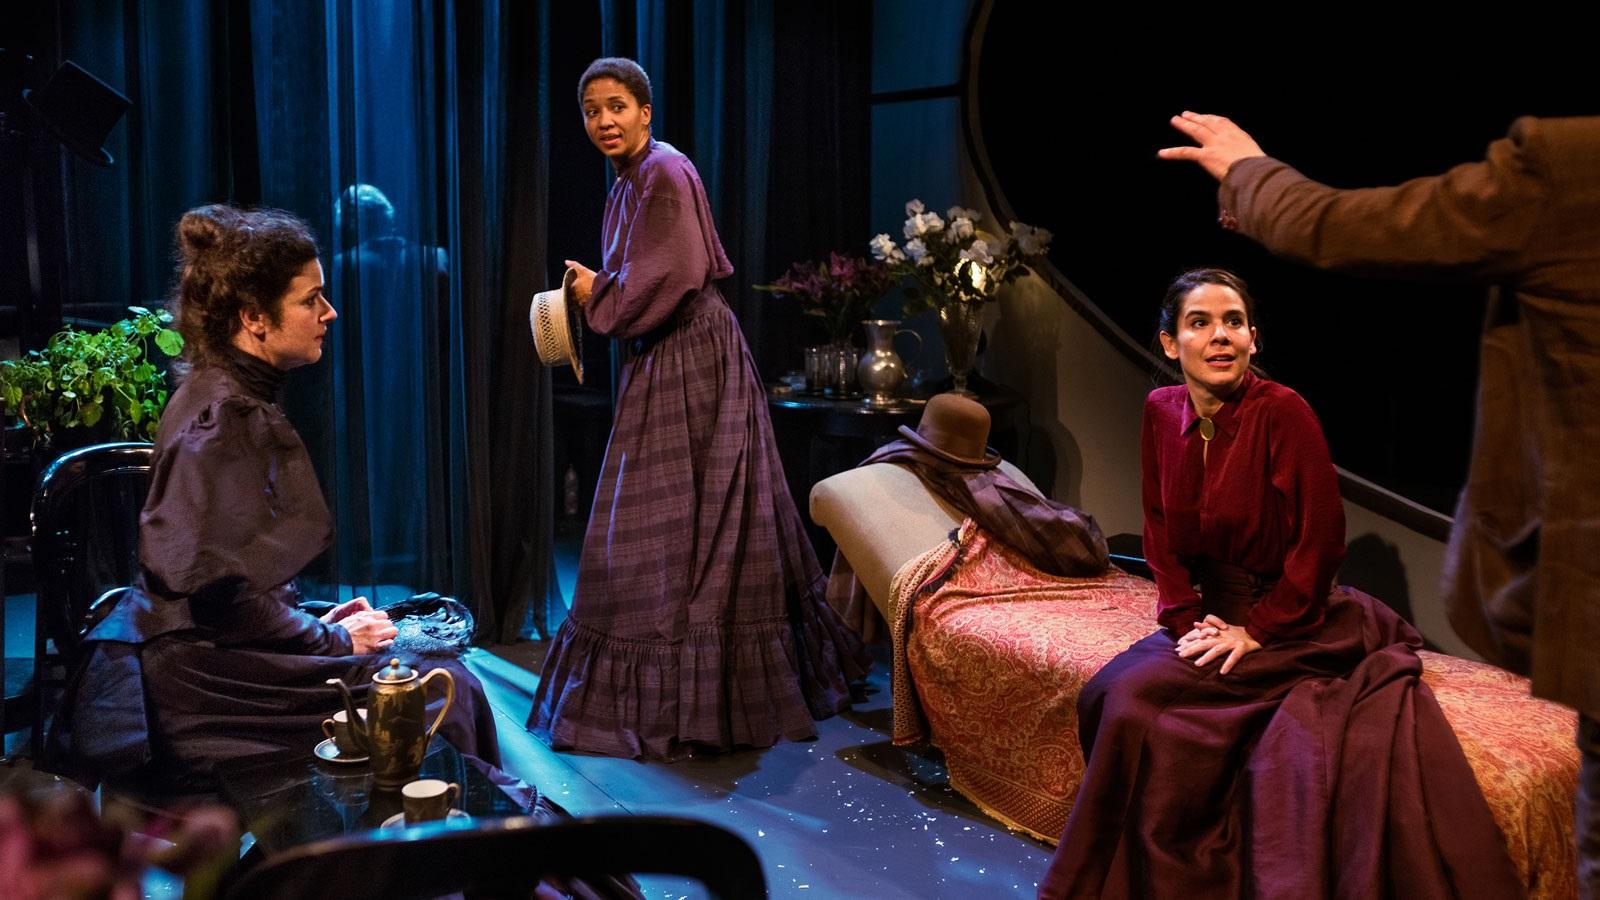 L'habitació del costat (The vibrator play) la villarroel teatre barcelona